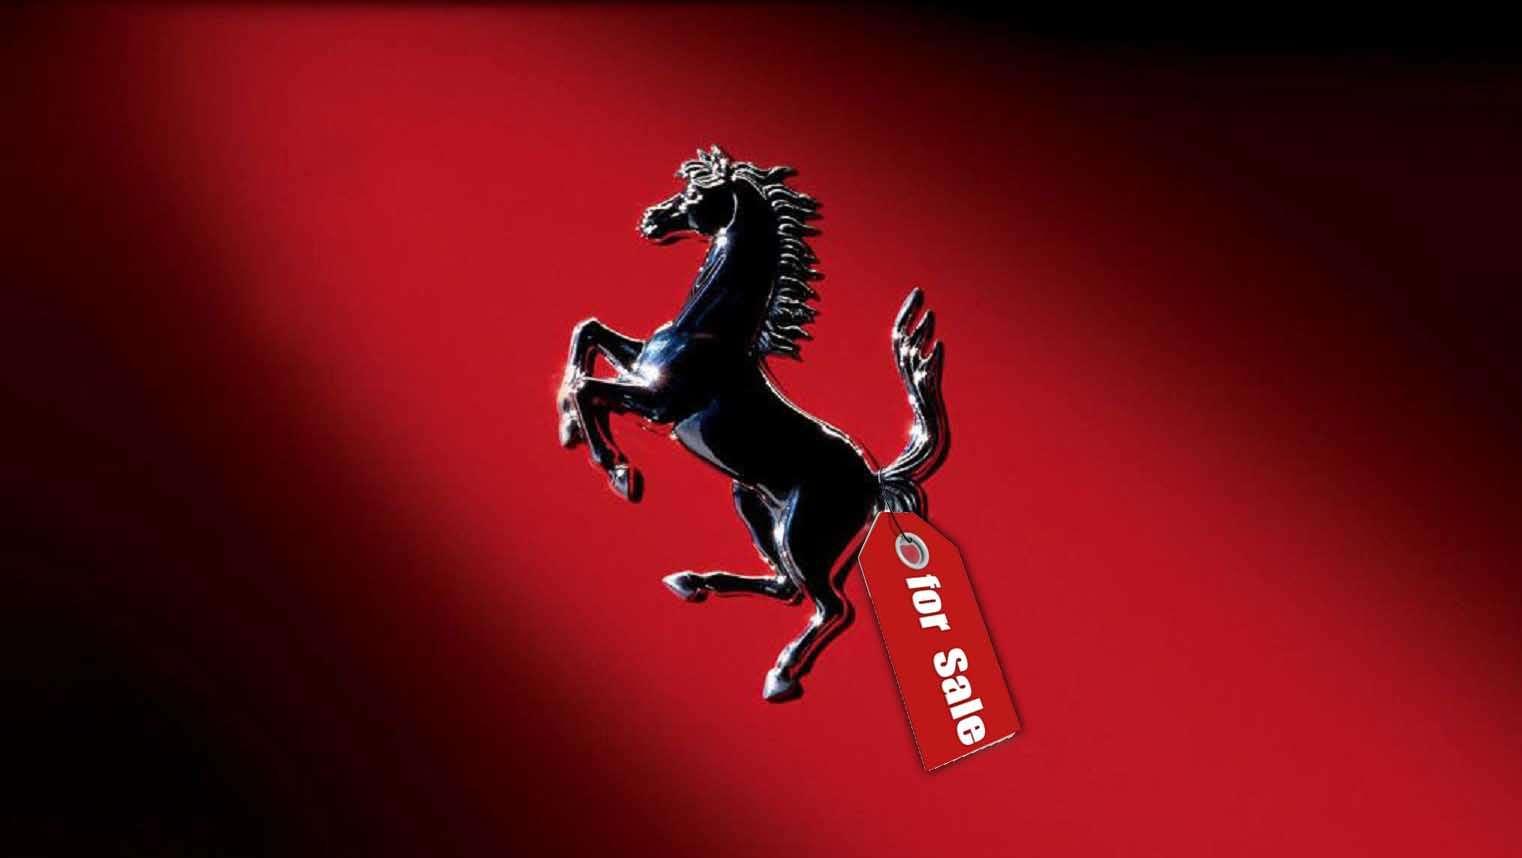 Logo Ferrari con etiqueta de venta Foto: Terra